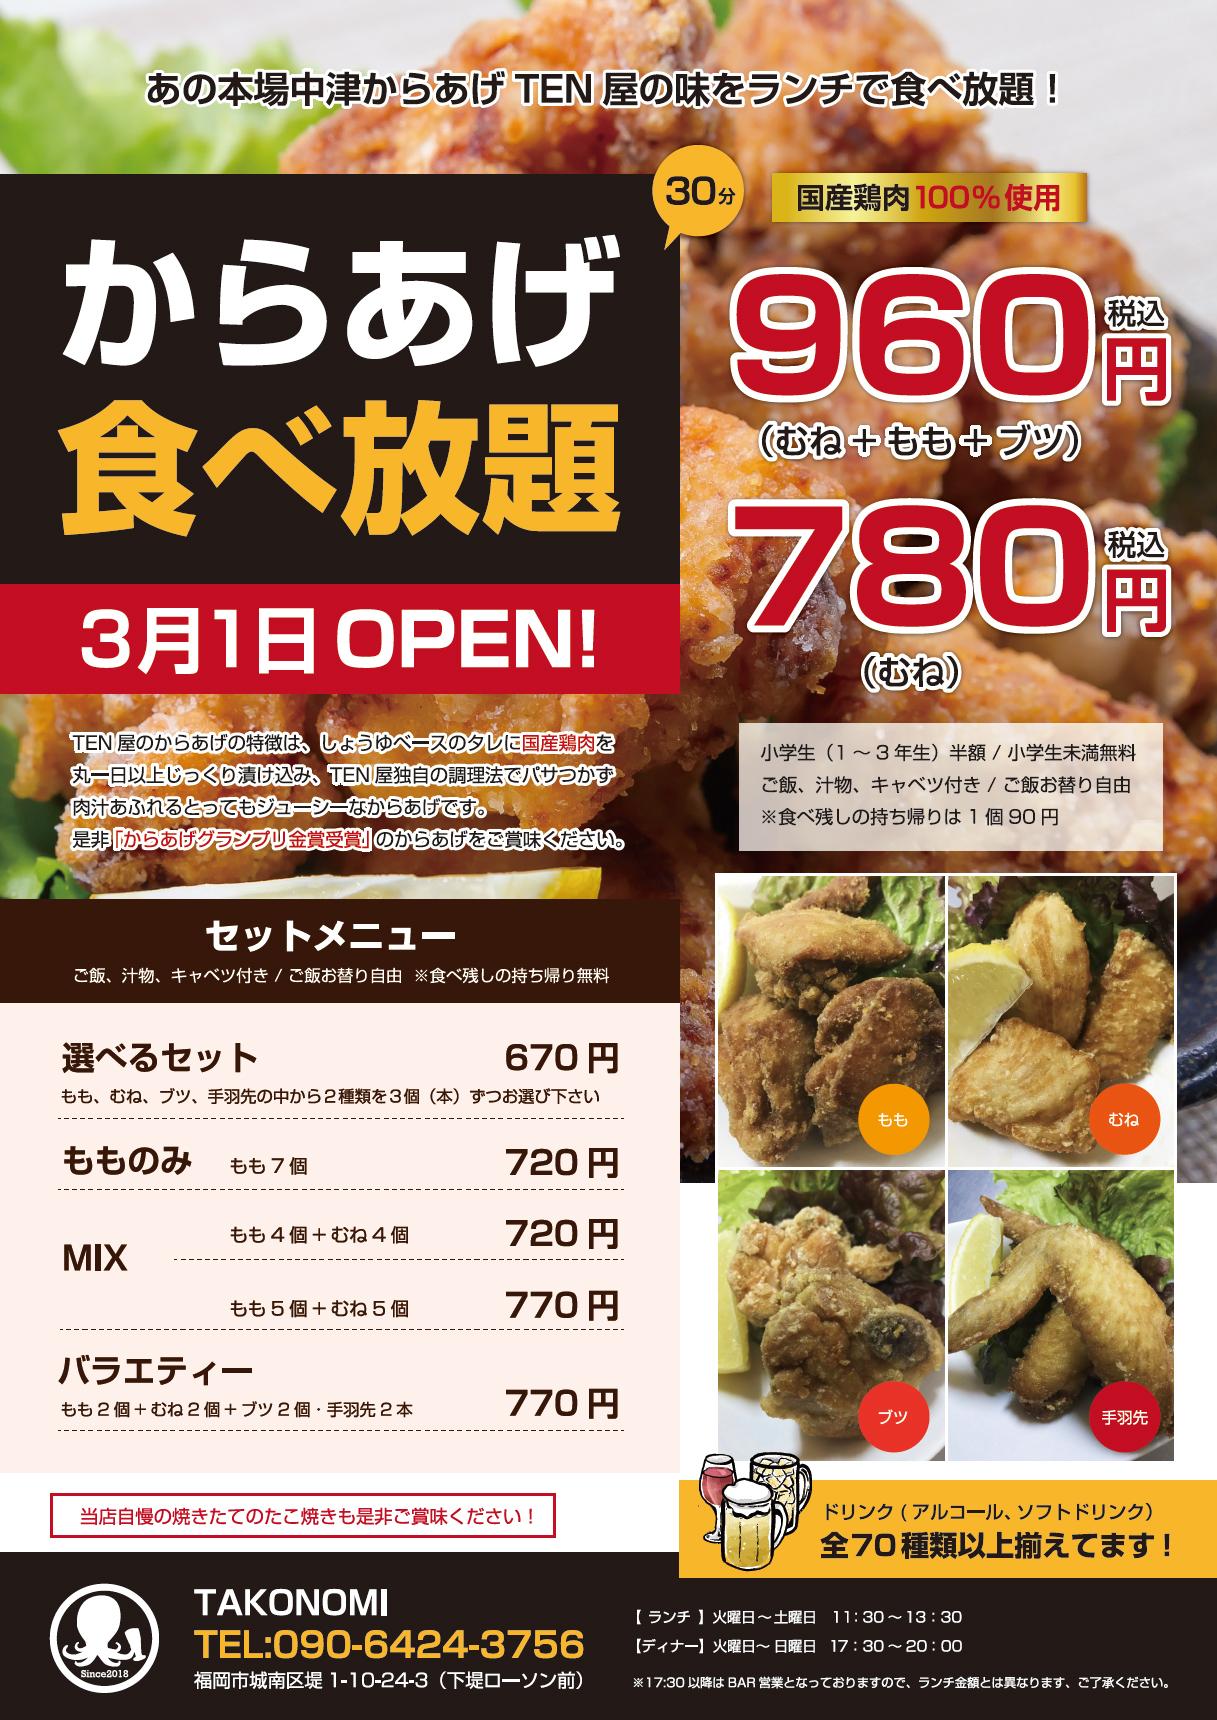 からあげ食べ放題!3月1日 OPEN!(TAKONOMI)